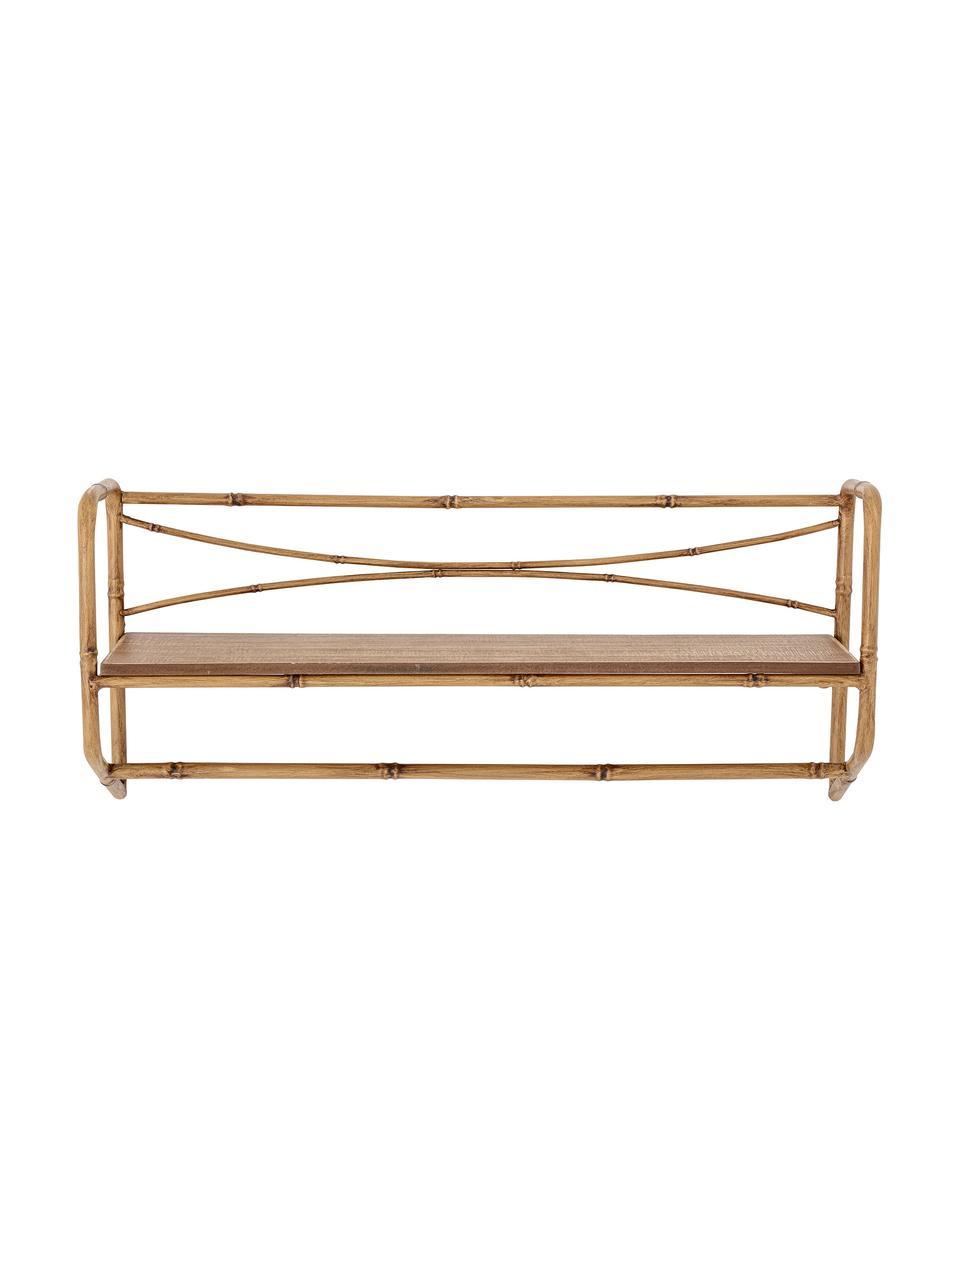 Wandregal Rod, Gestell: Metall, Regalboden: Mitteldichte Holzfaserpla, Braun, 63 x 28 cm